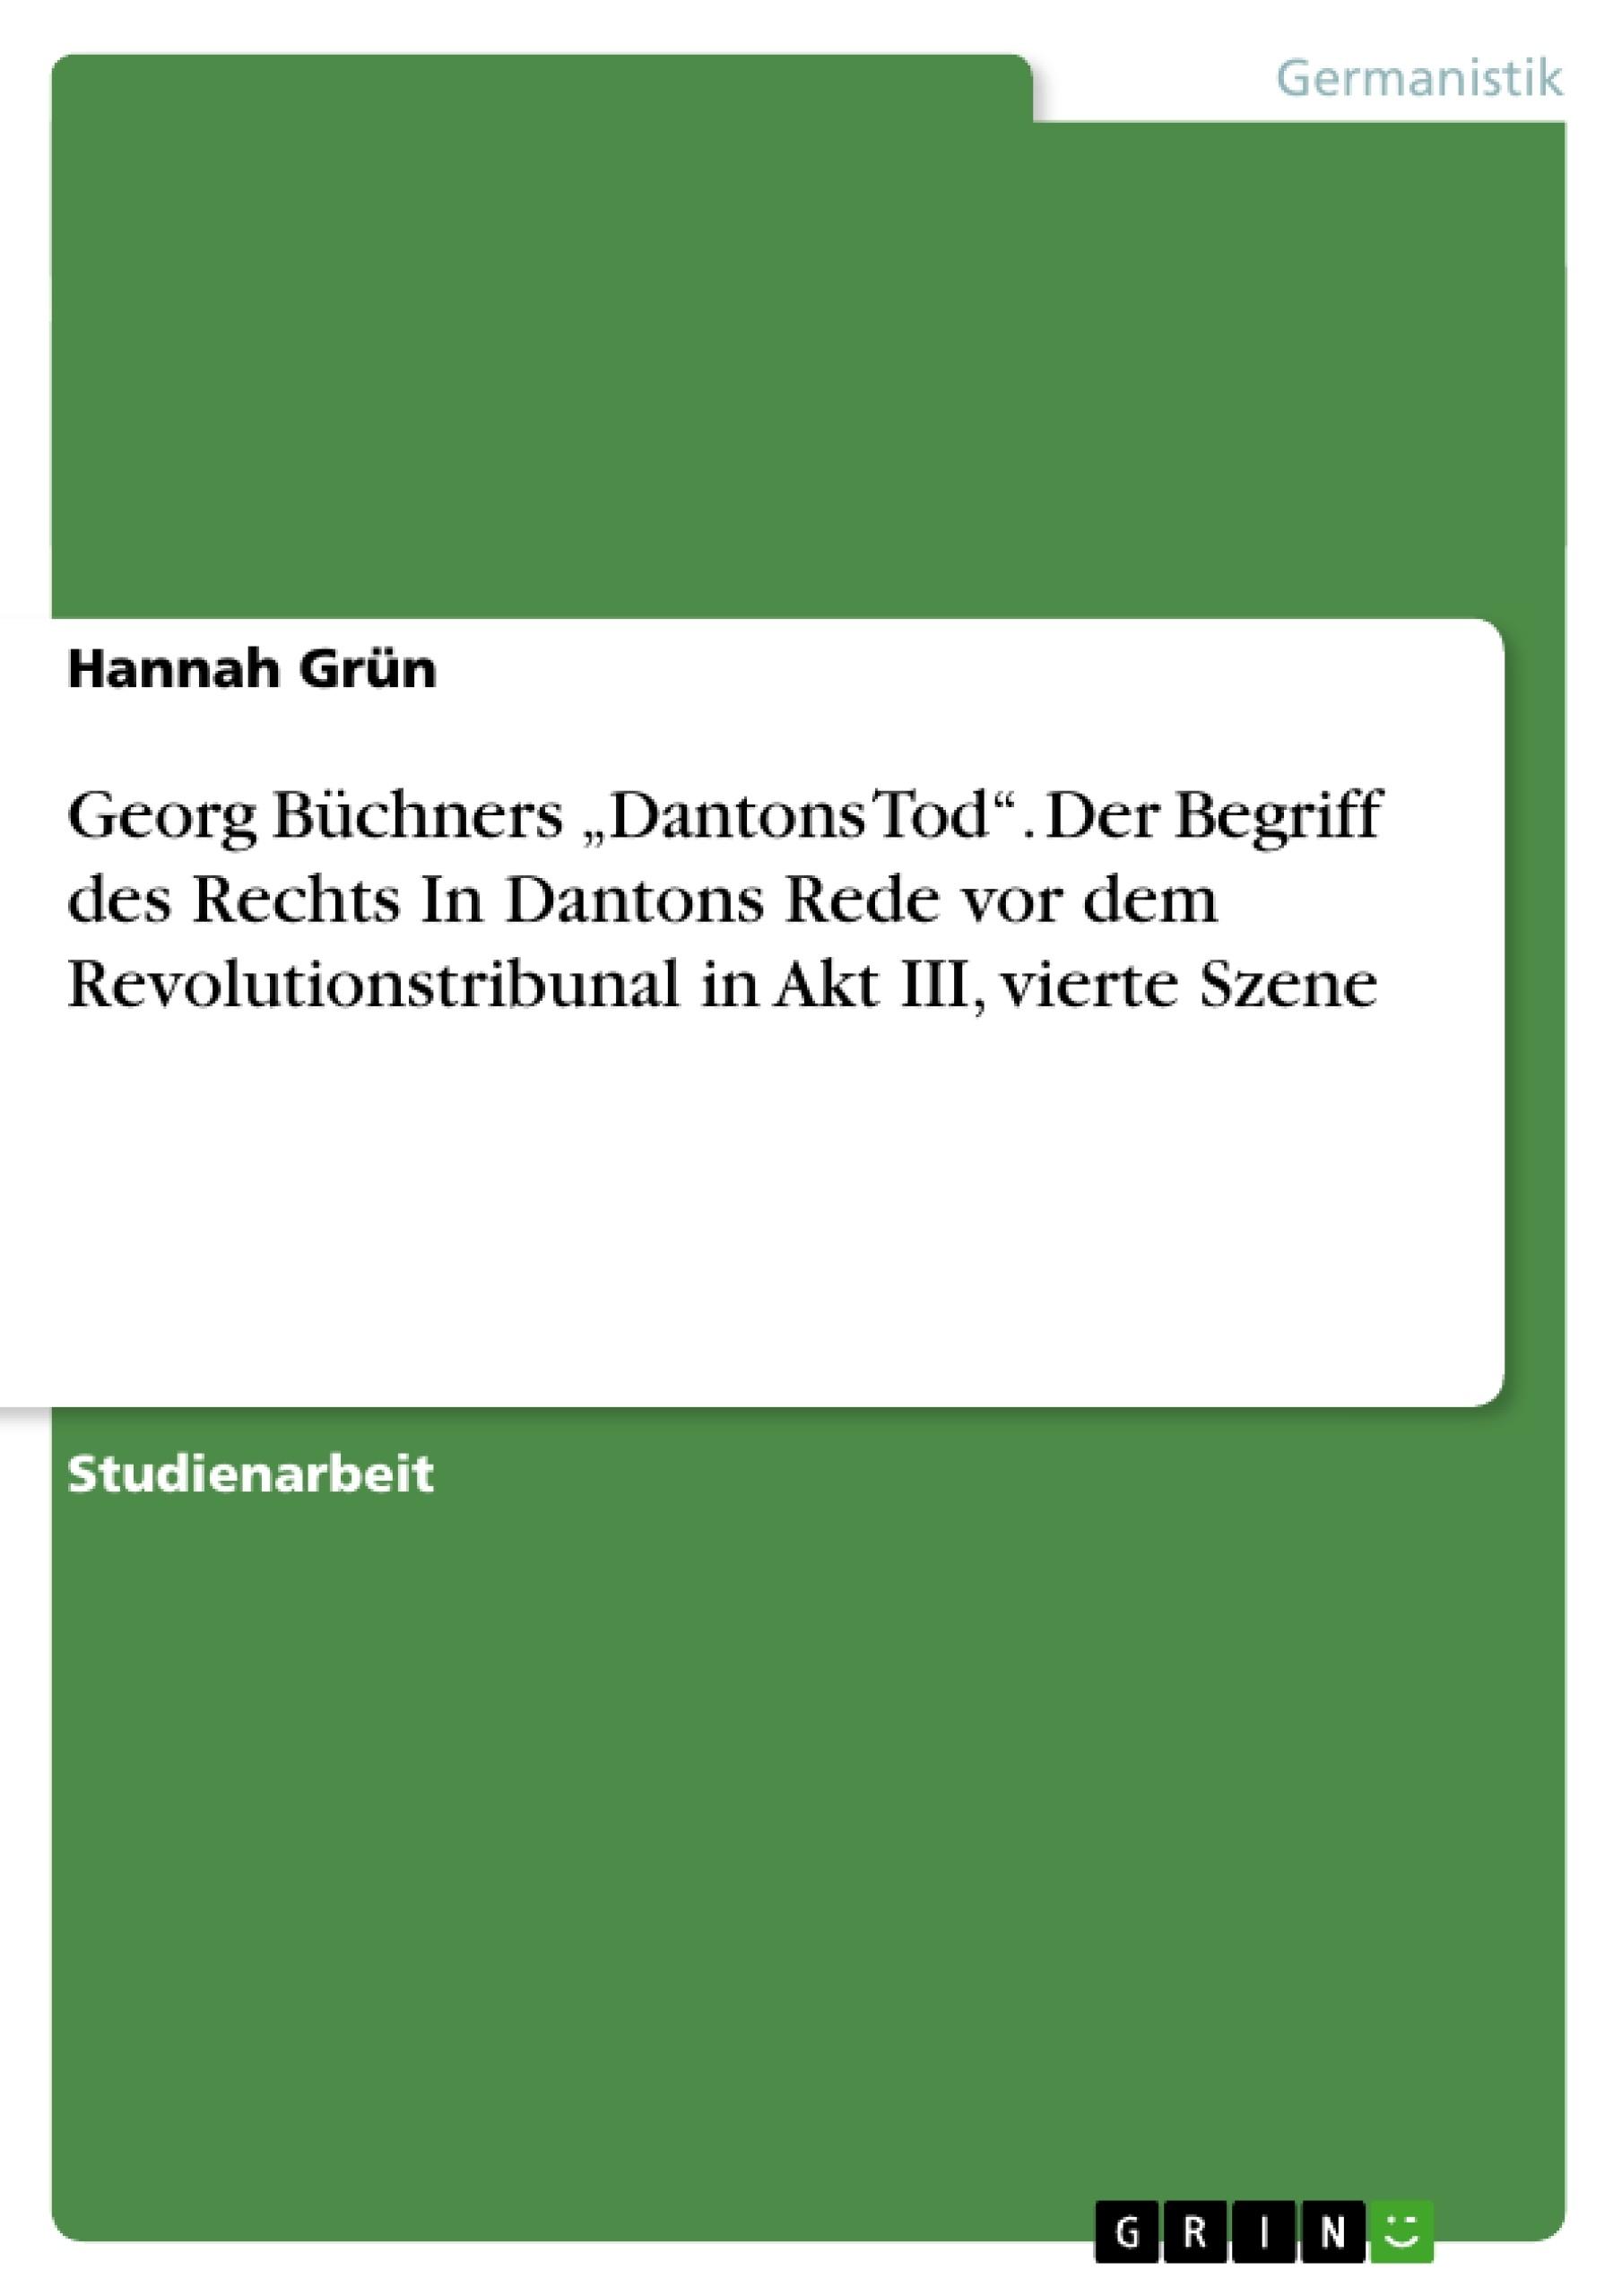 """Titel: Georg Büchners """"Dantons Tod"""". Der Begriff des Rechts In Dantons Rede vor dem Revolutionstribunal in Akt III, vierte Szene"""